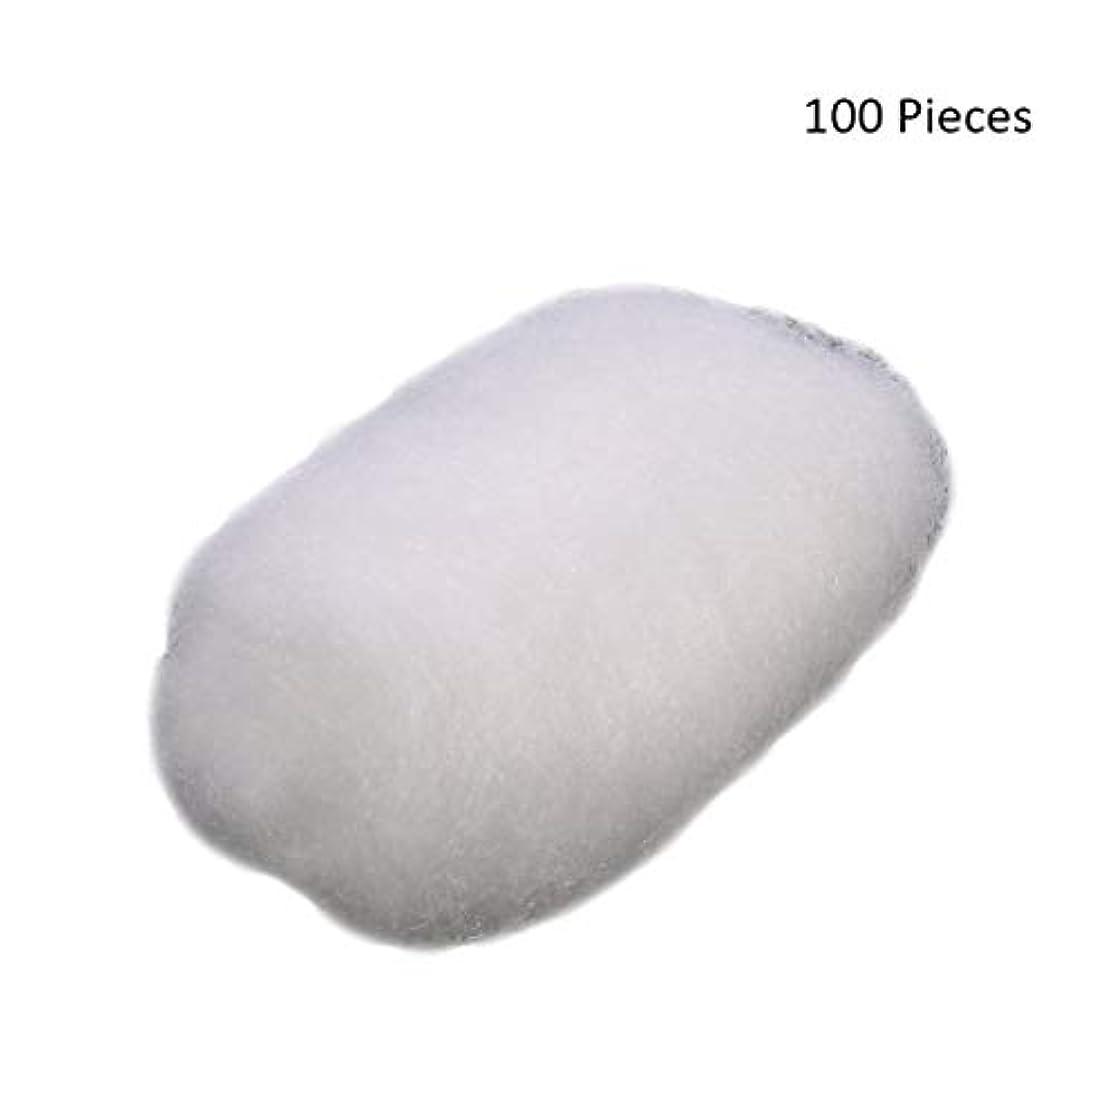 キャスト有益テーマ化粧パッド 100ピース/バッグコットンボールタトゥー消毒化粧クレンジングローションオイルマニキュア化粧品除去パフコットンボール メイク落とし化粧パッド (Color : White)